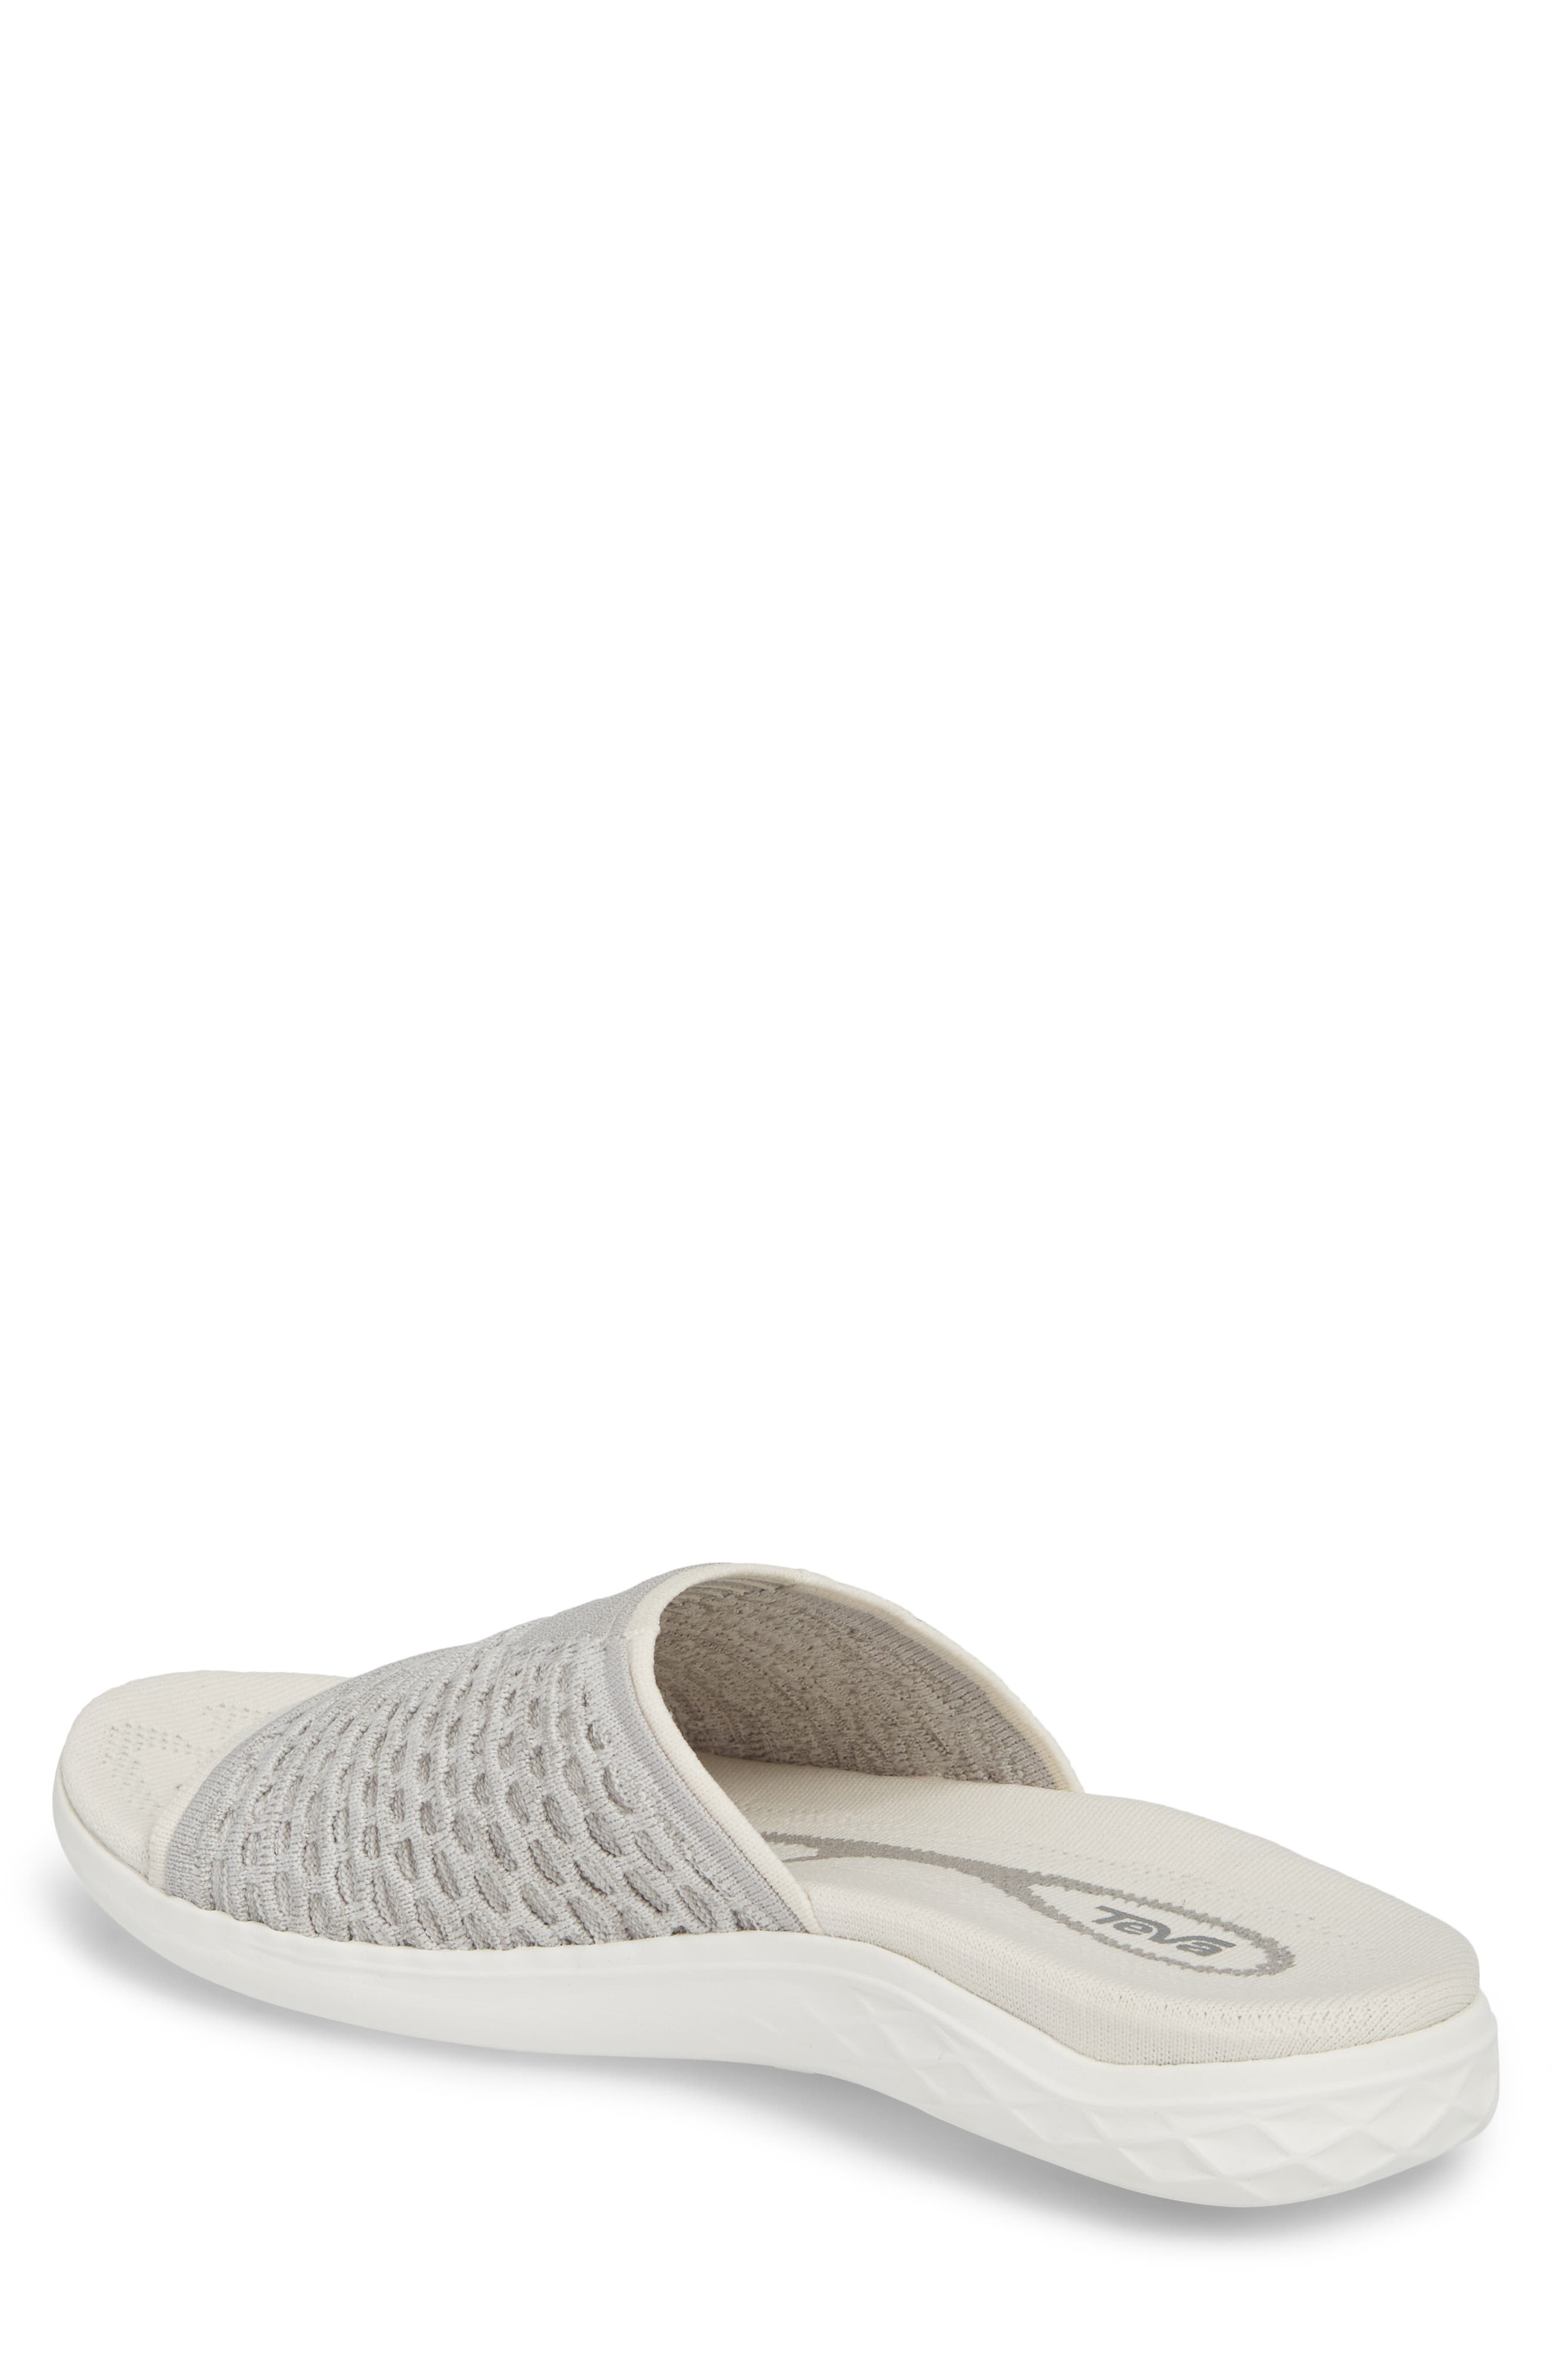 Terra-Float 2 Knit Slide Sandal,                             Alternate thumbnail 2, color,                             Bright White